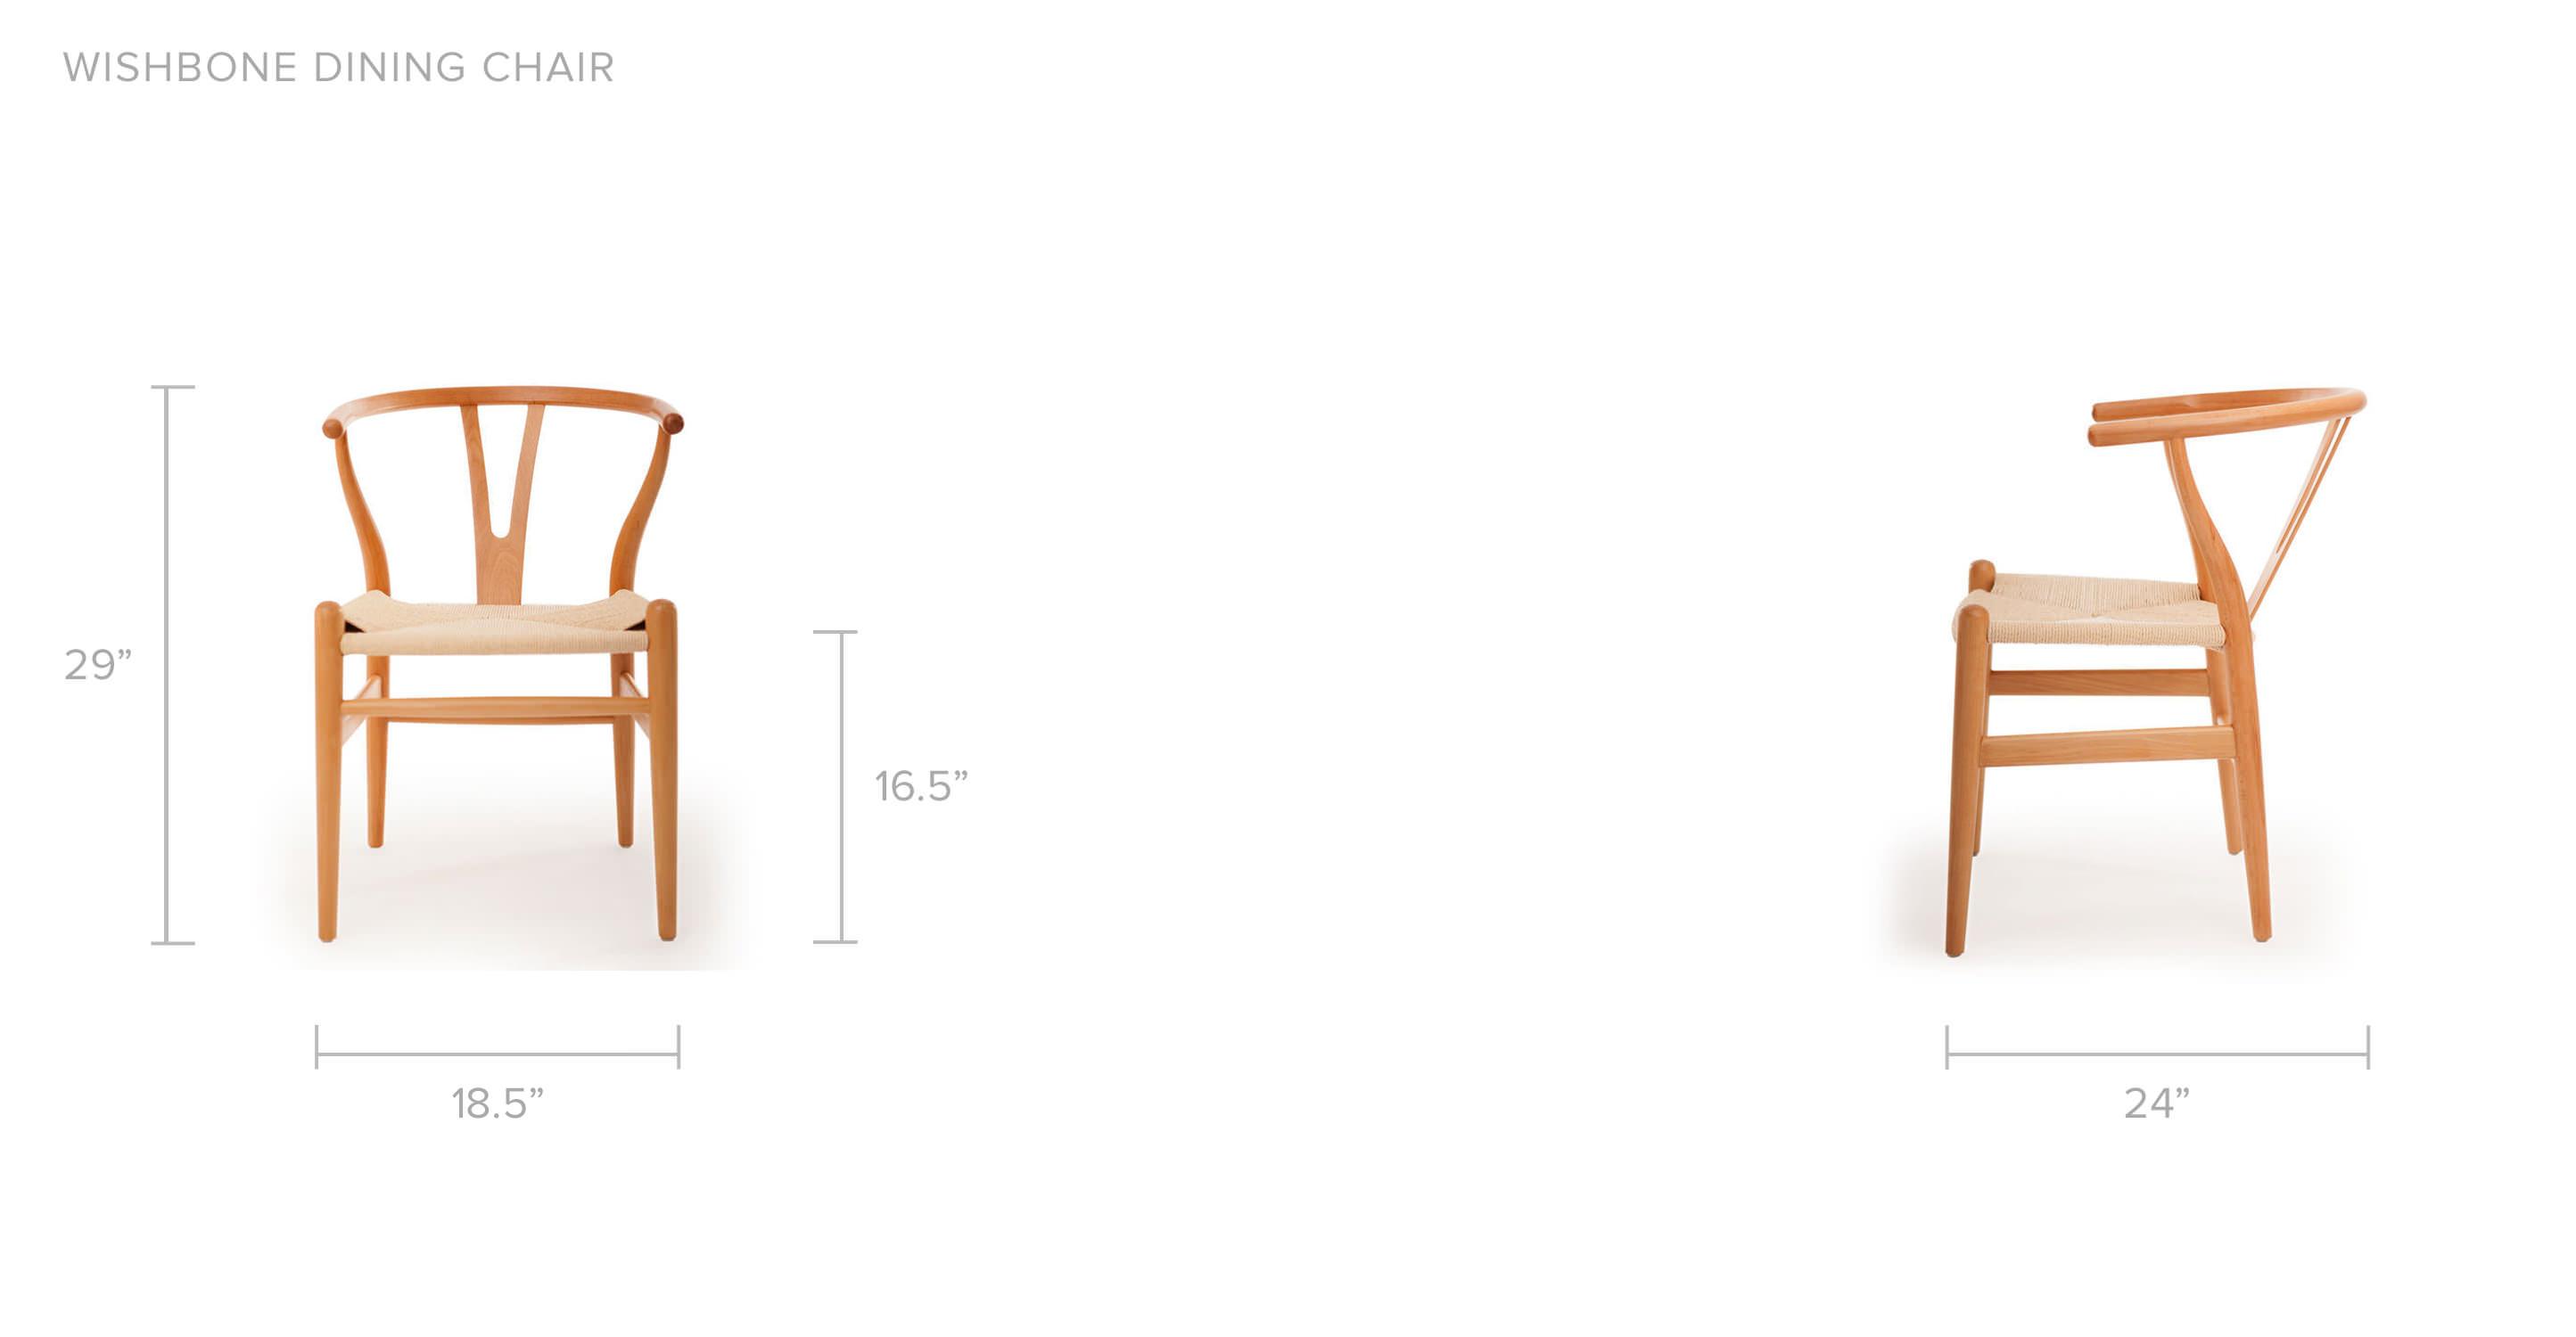 drawings-wishbone-diningchair.jpg